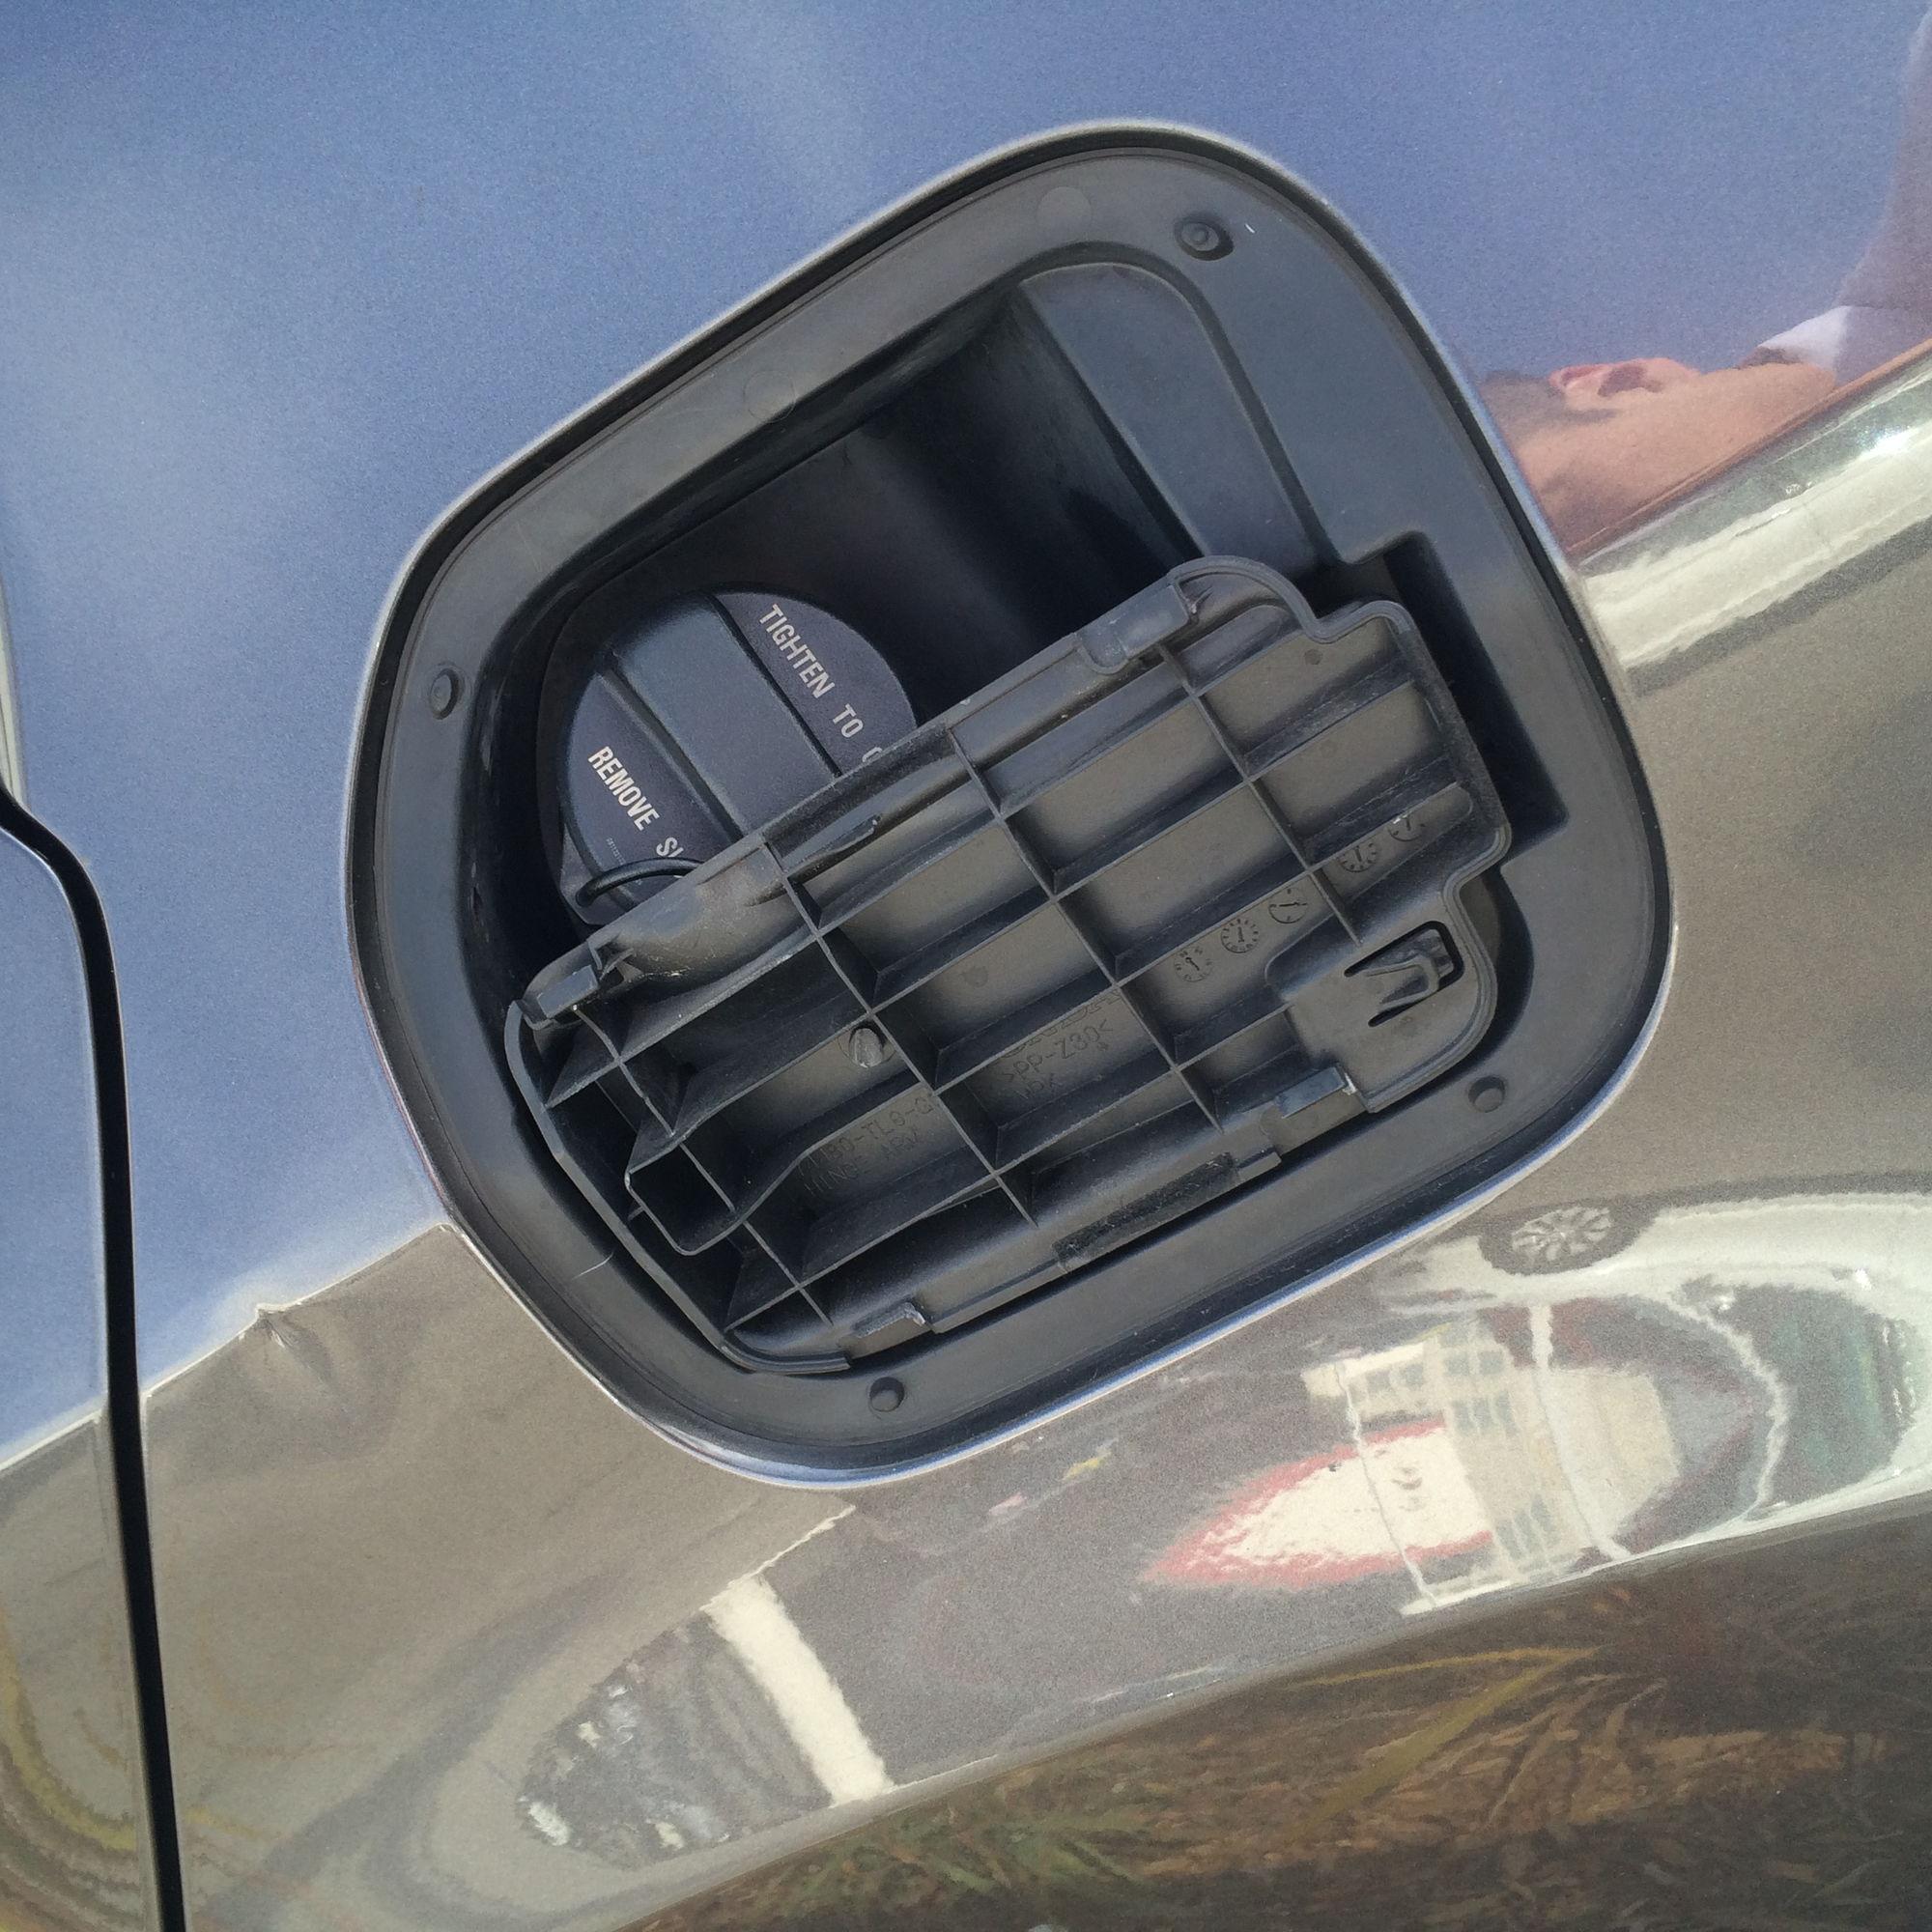 2009 tsx gas tank door arm replacement acurazine acura rh acurazine com Acura TL Owner's Manual Acura TL Custom